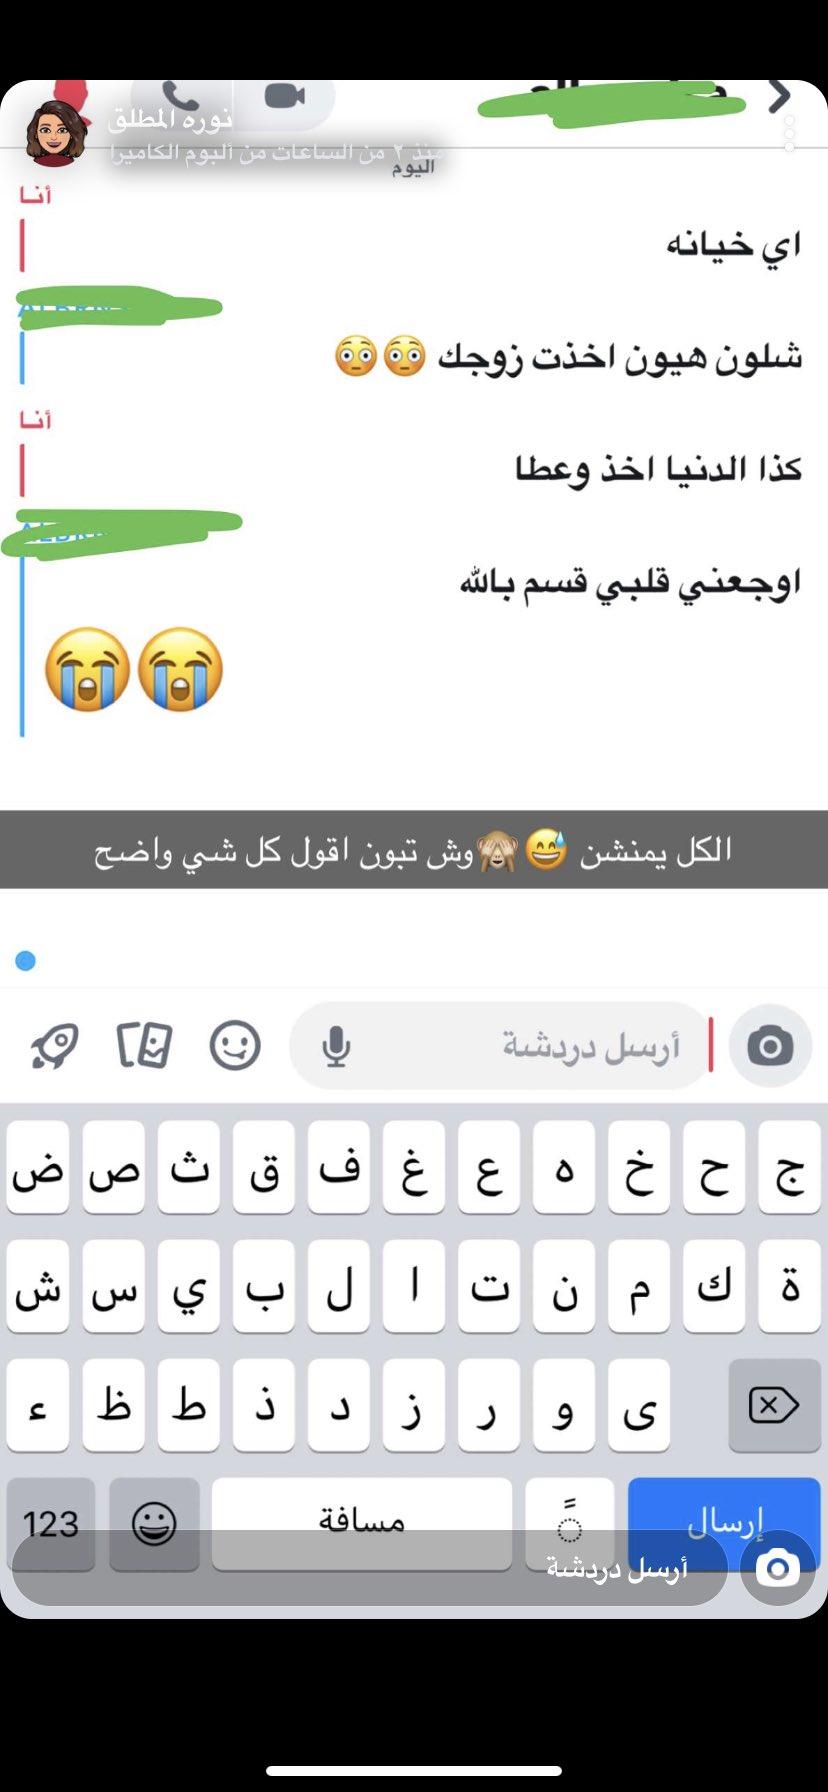 شاهد بالفيديو زواج هيون الغماس يثير الجدل هل خطفت زوج صديقتها عرب فن